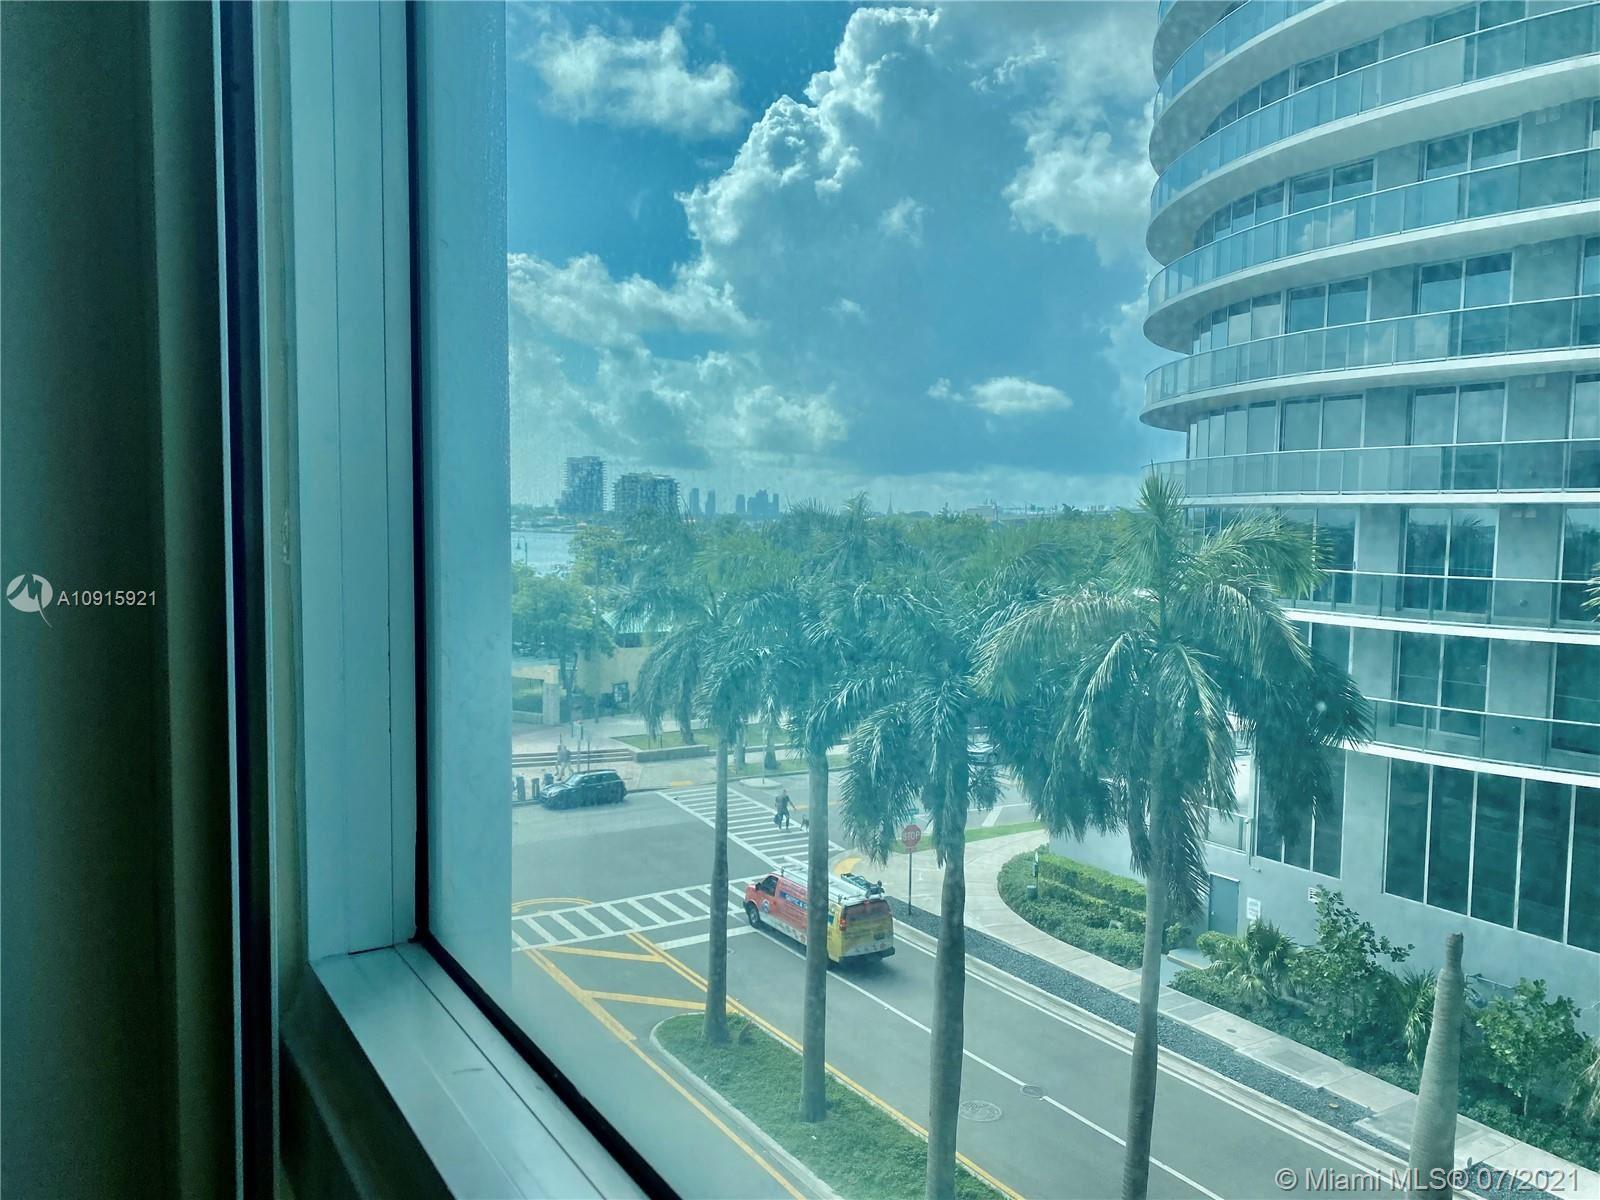 1800 N Bayshore Dr #409, Miami, FL 33132 - #: A10915921